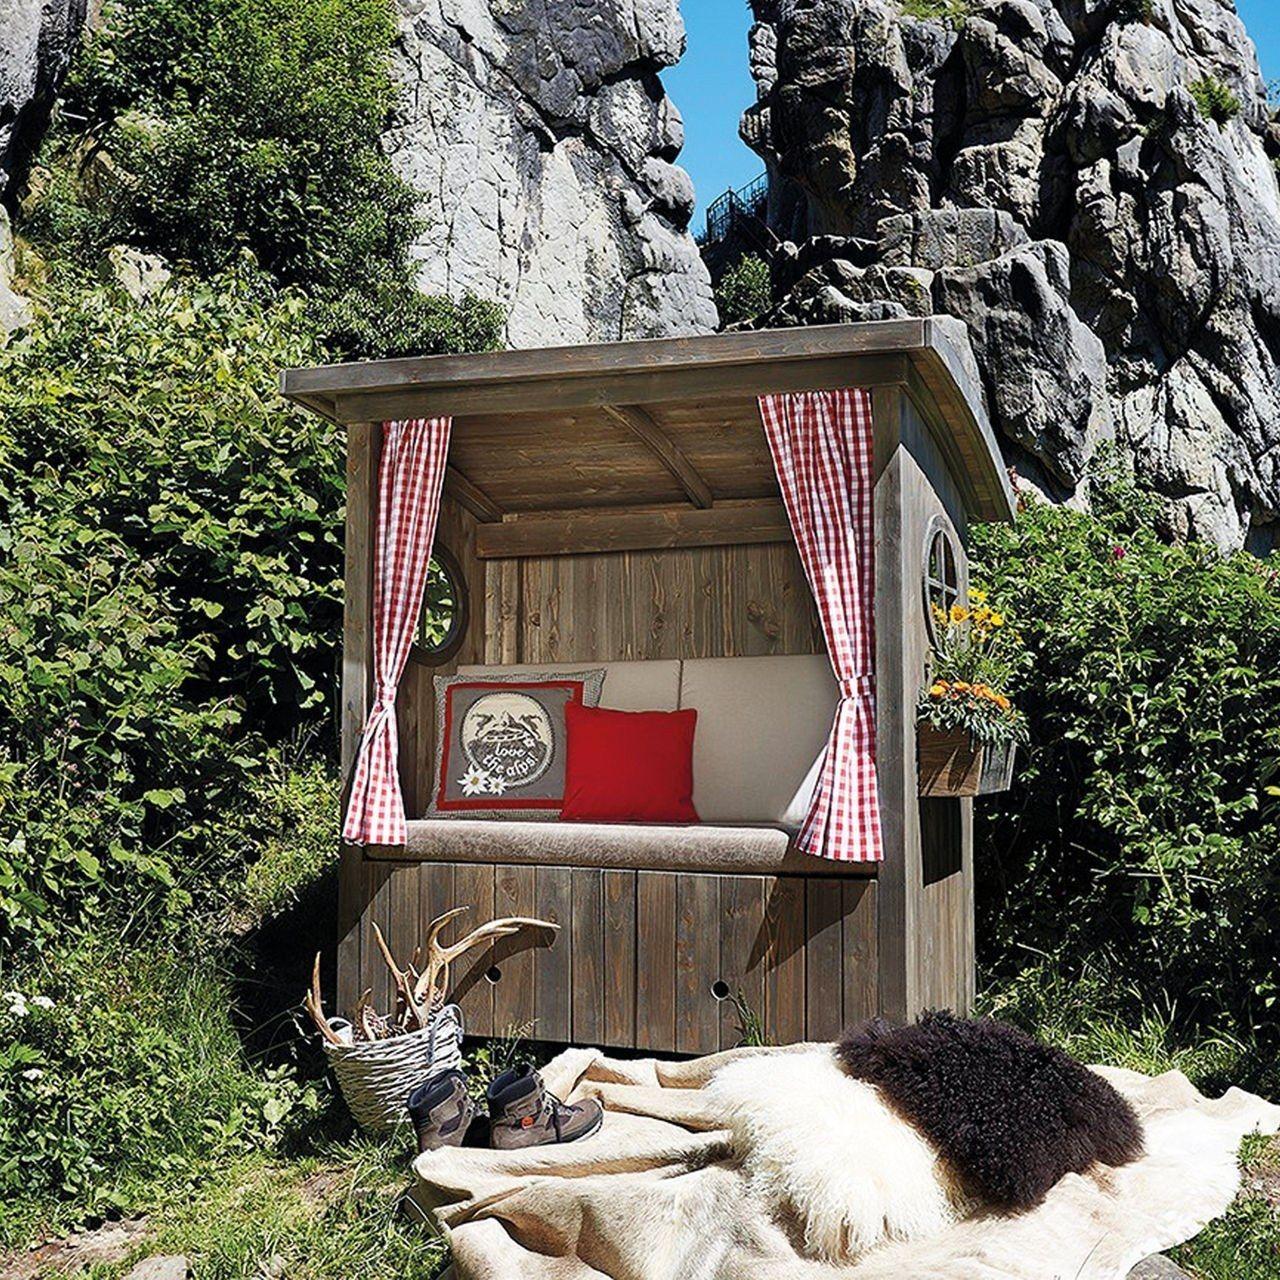 Hüttenzauber für zuhause Märchenhafte Alpenhütte für den